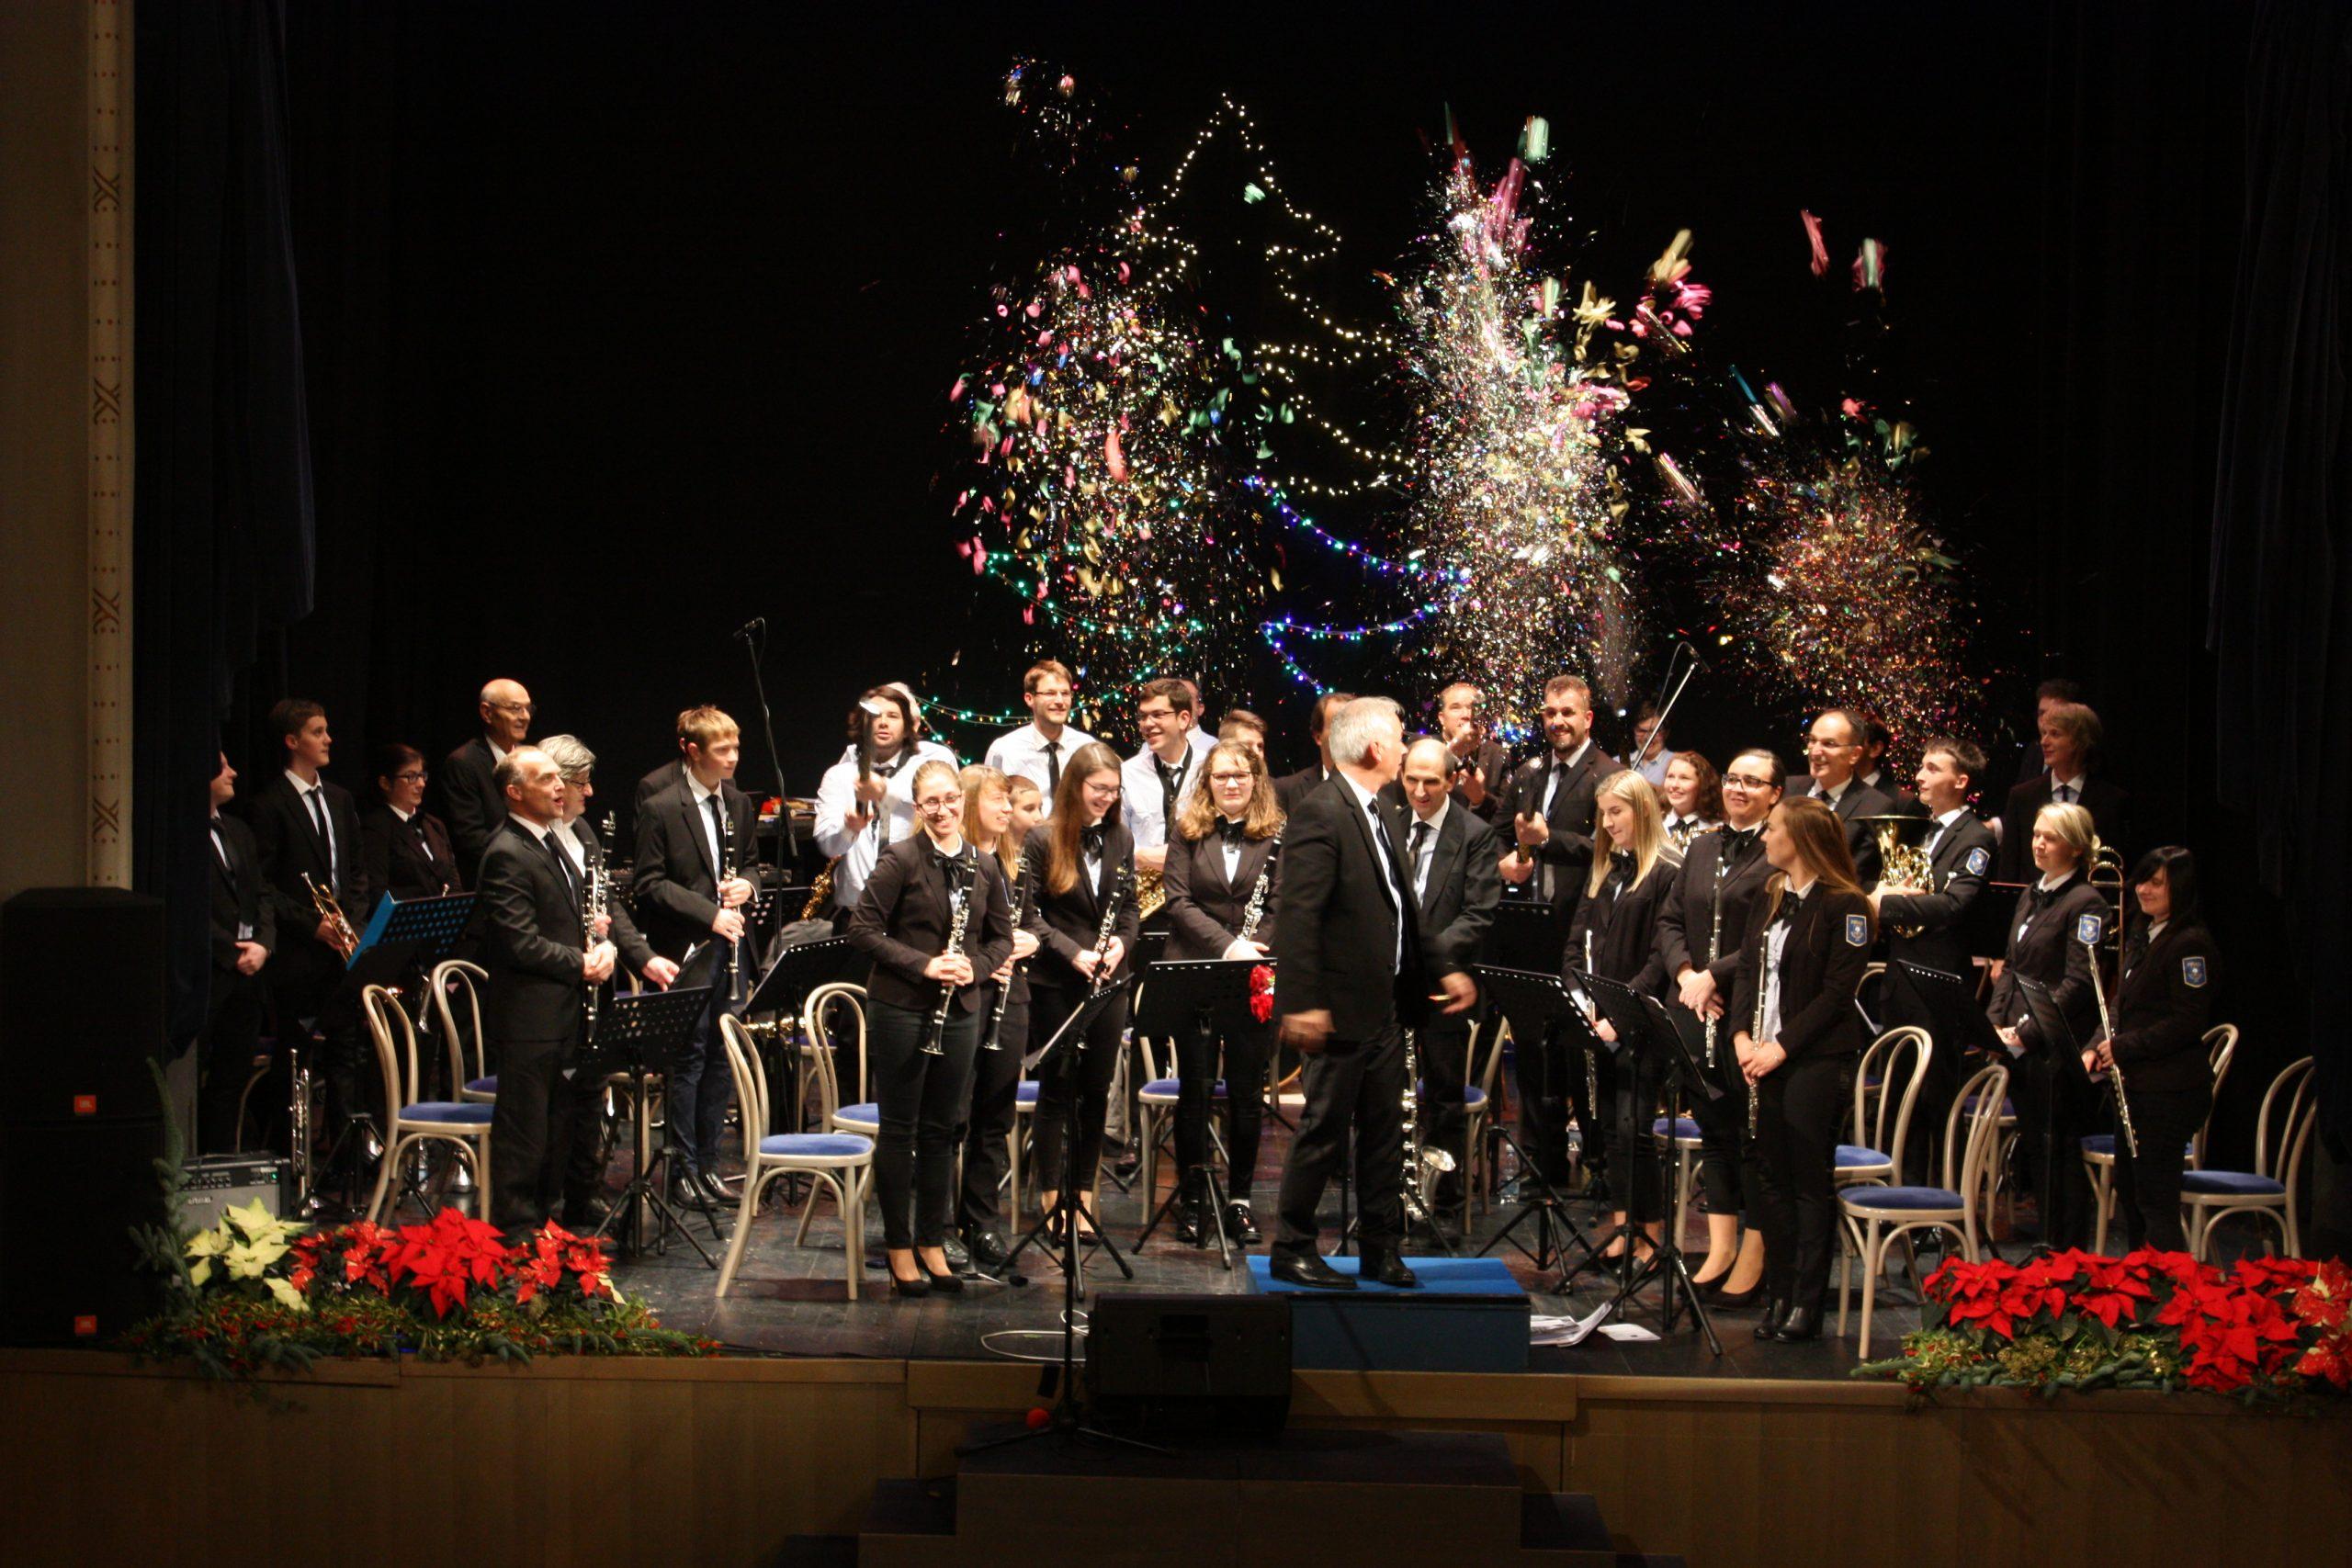 Praznični koncerti v Gledališču Tartini